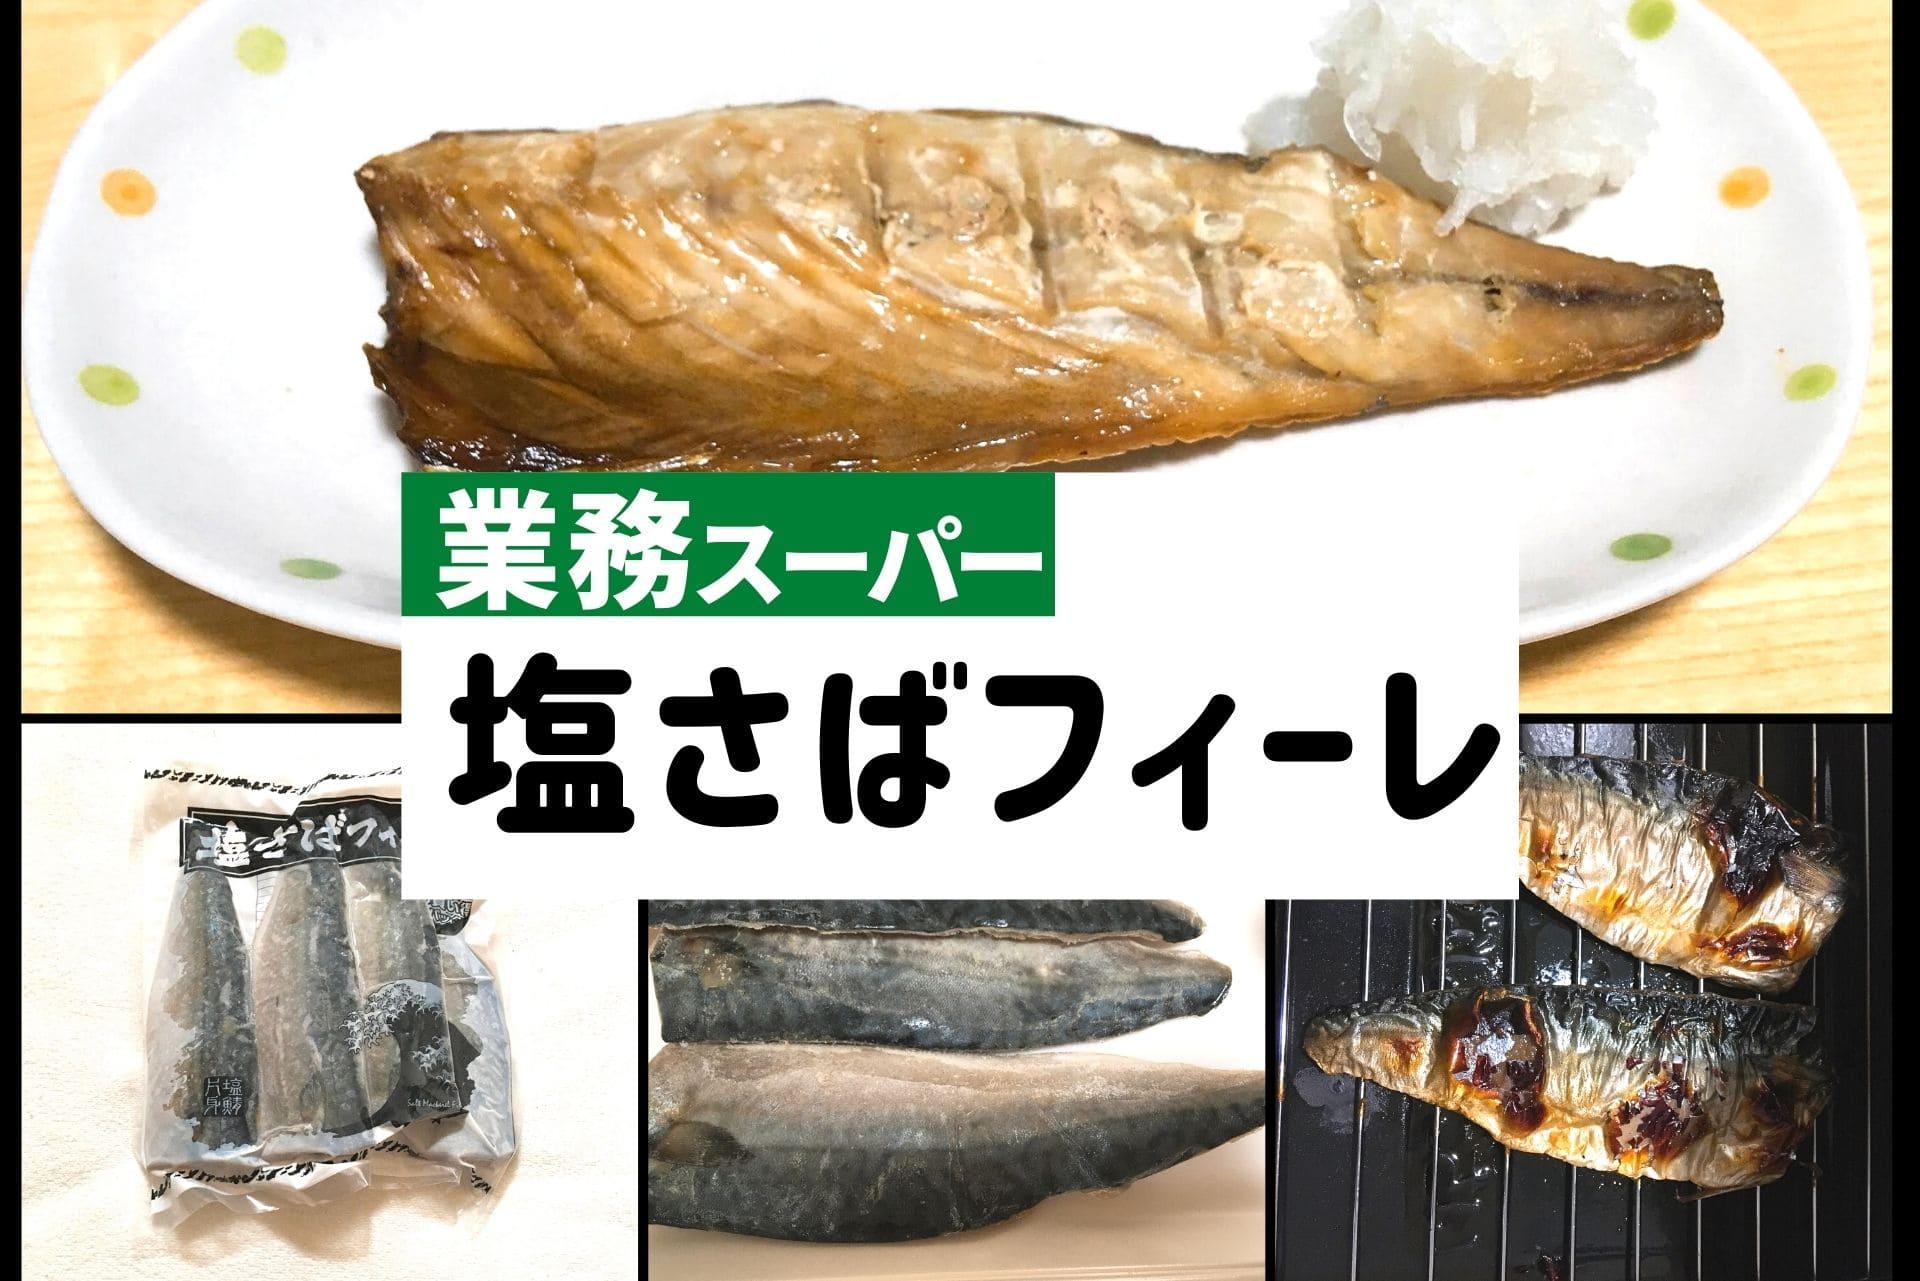 方 冷凍 サバ 焼き